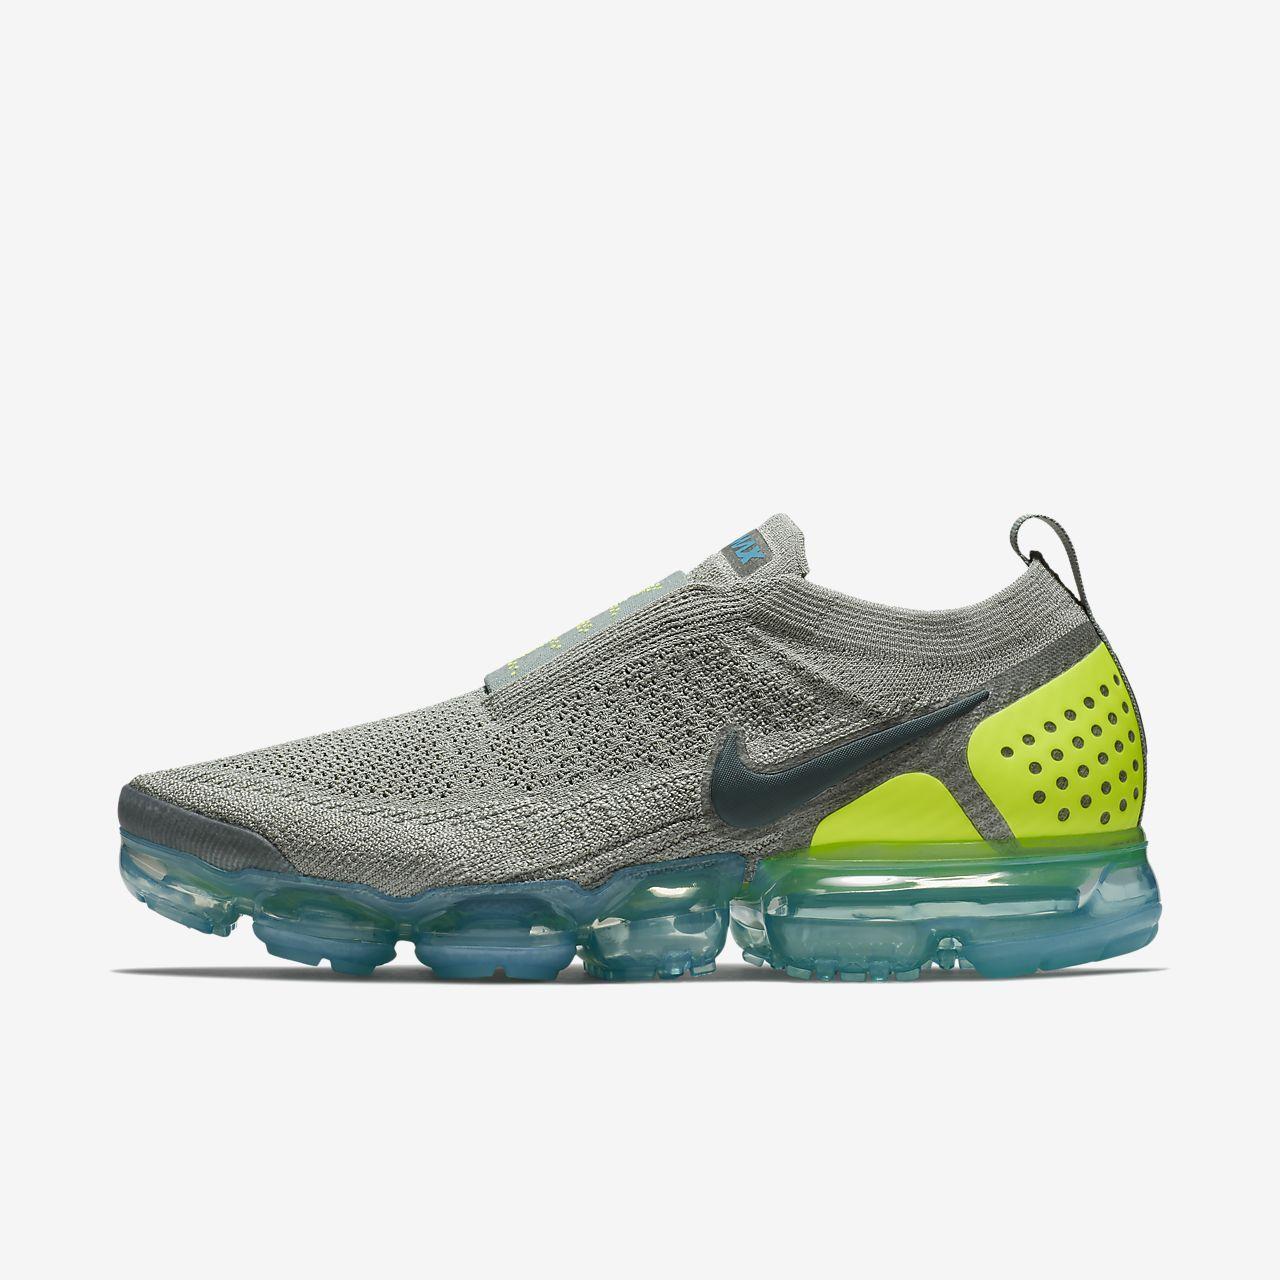 Vapormax Flyknit Chaussures De Sport D'utilité - Nike Gris Vert iZF51yl